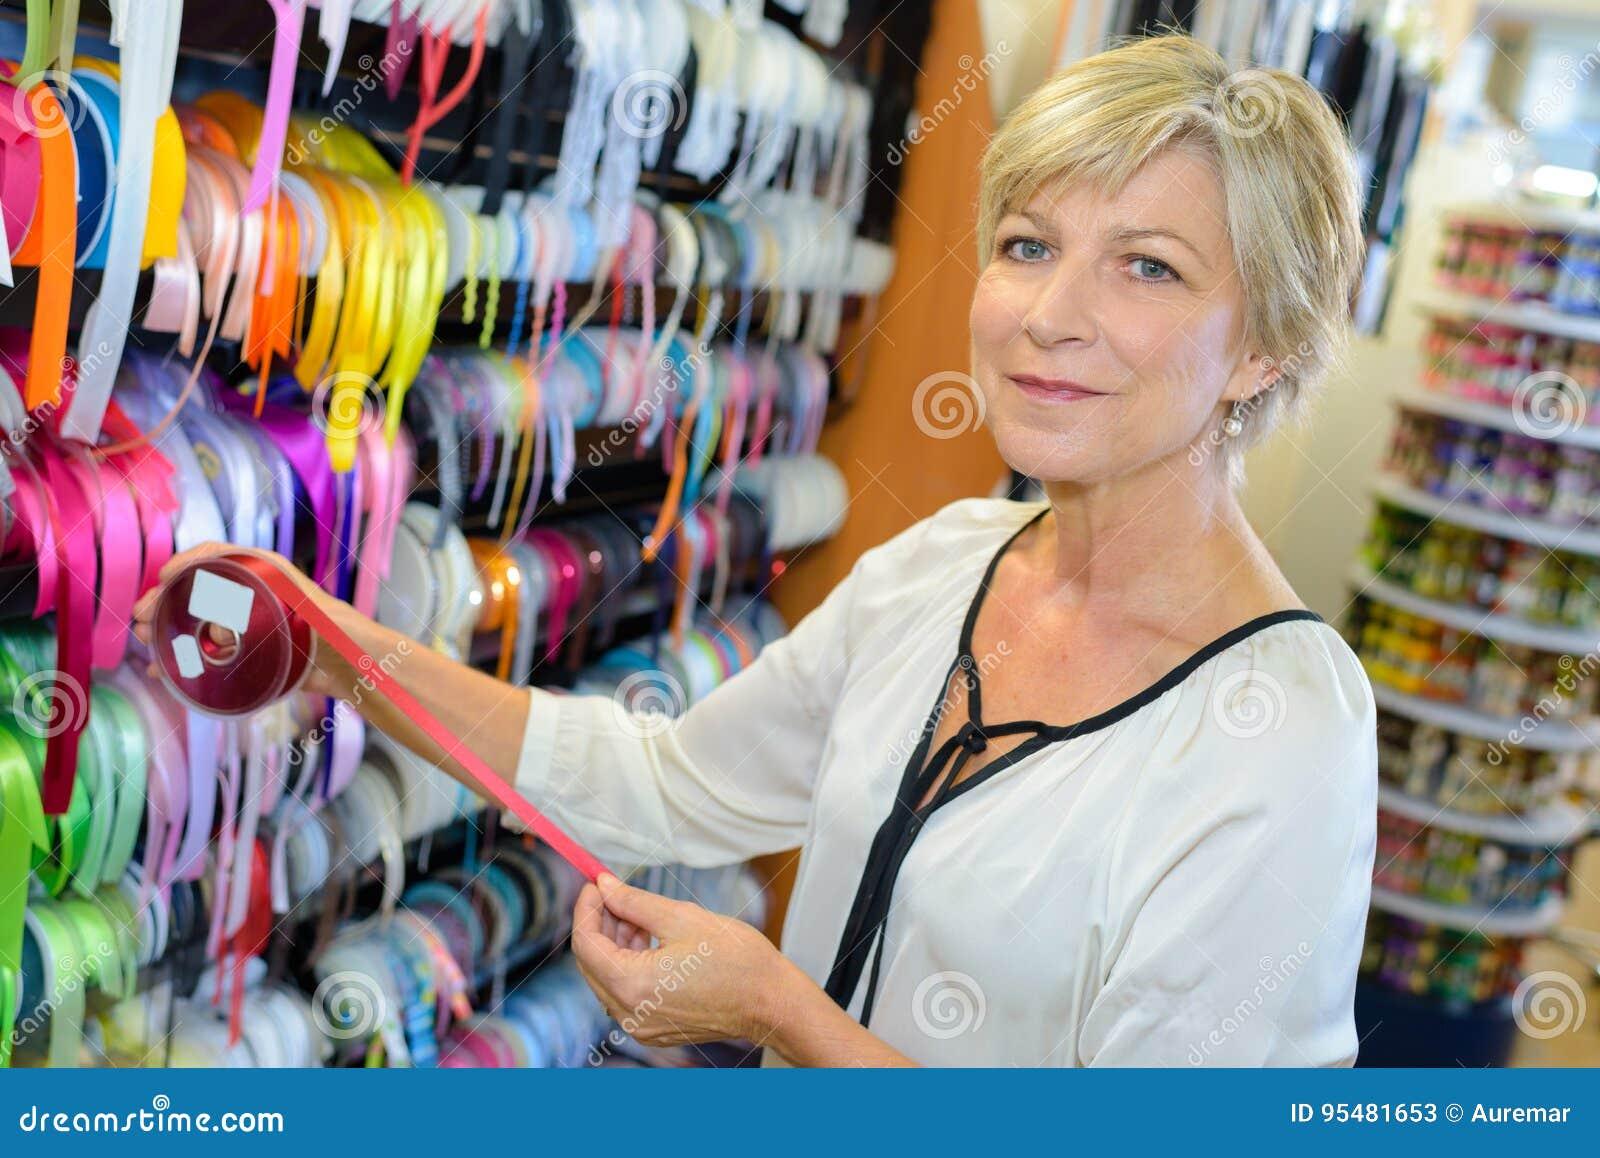 Portreta starszego żeńskiego właściciela tekstylny sklep